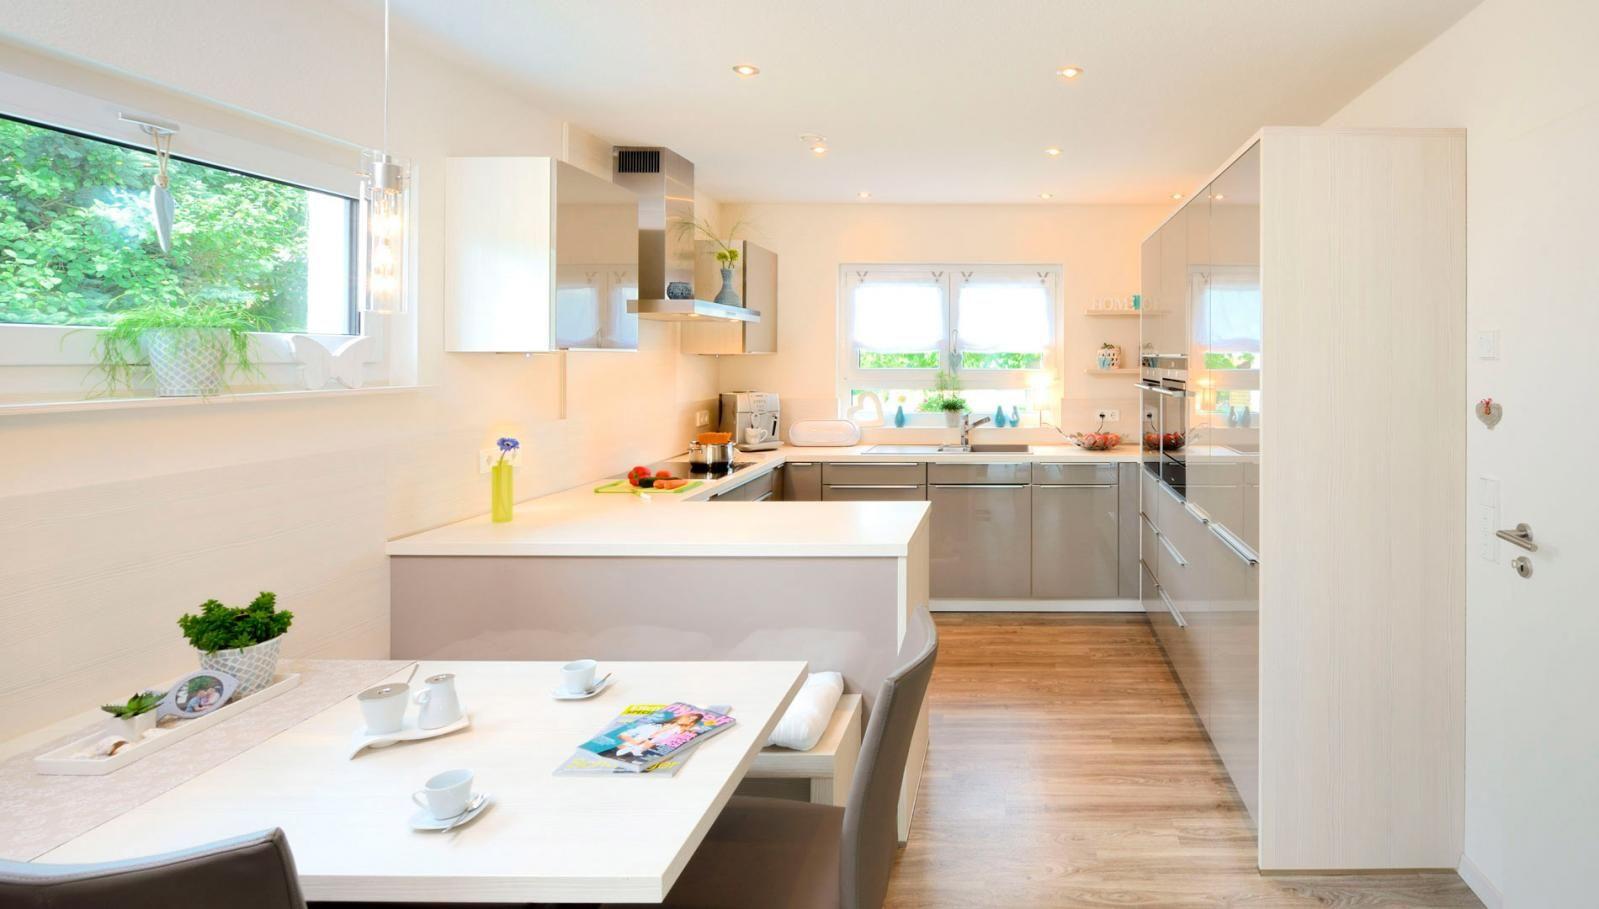 Küche mit Essplatz - Raum zum Lachen, Reden, Kochen, Hausaufgaben ...